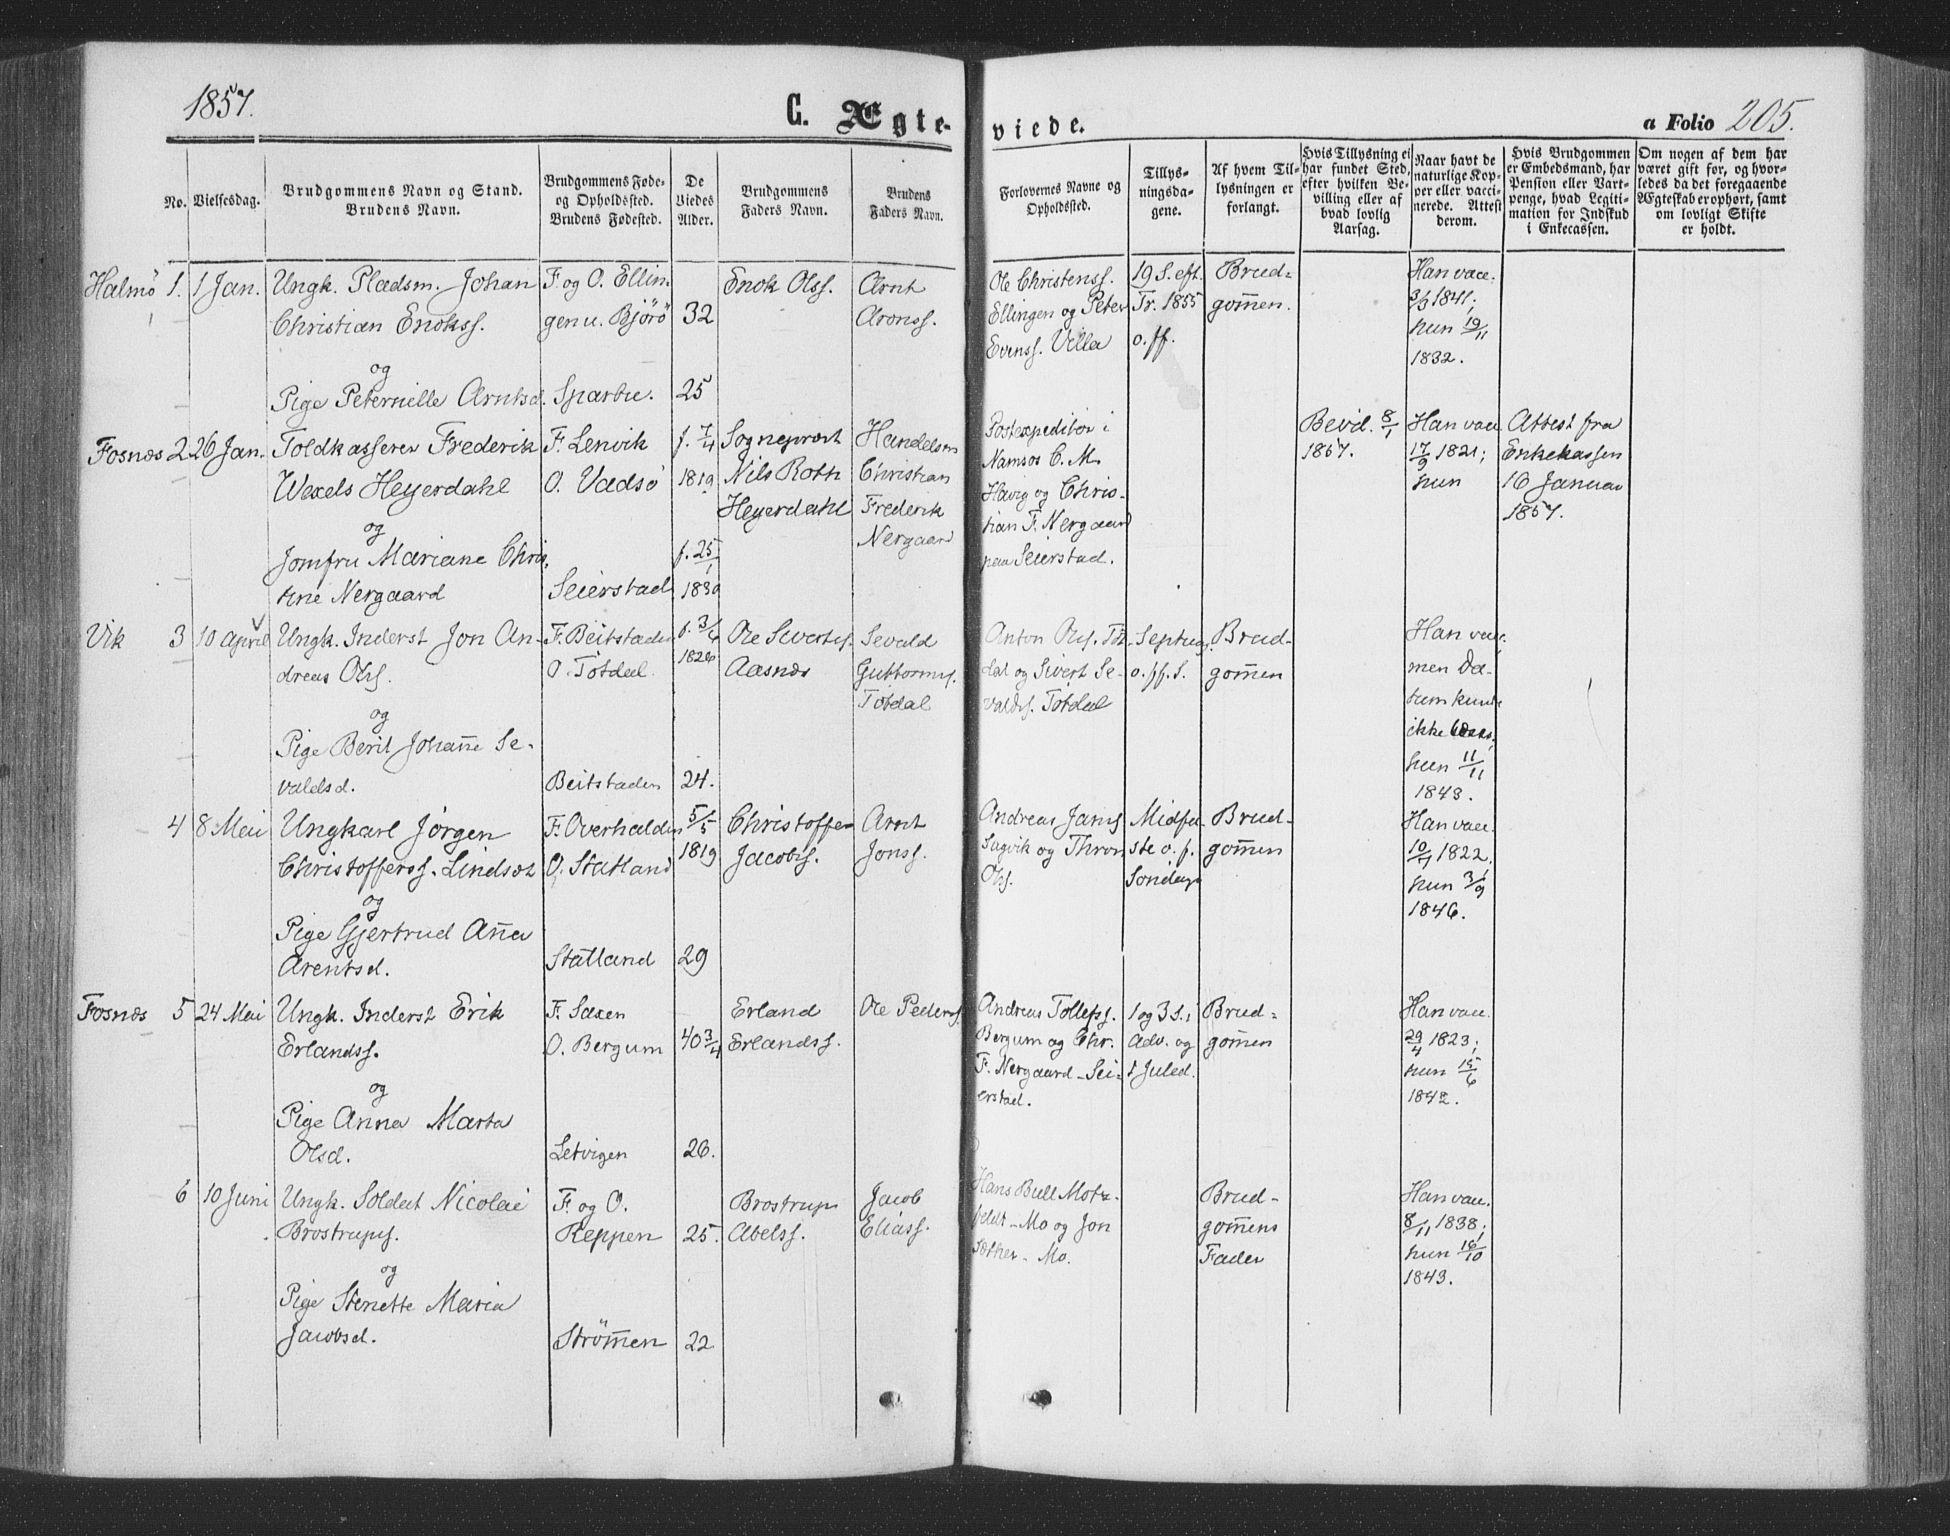 SAT, Ministerialprotokoller, klokkerbøker og fødselsregistre - Nord-Trøndelag, 773/L0615: Ministerialbok nr. 773A06, 1857-1870, s. 205